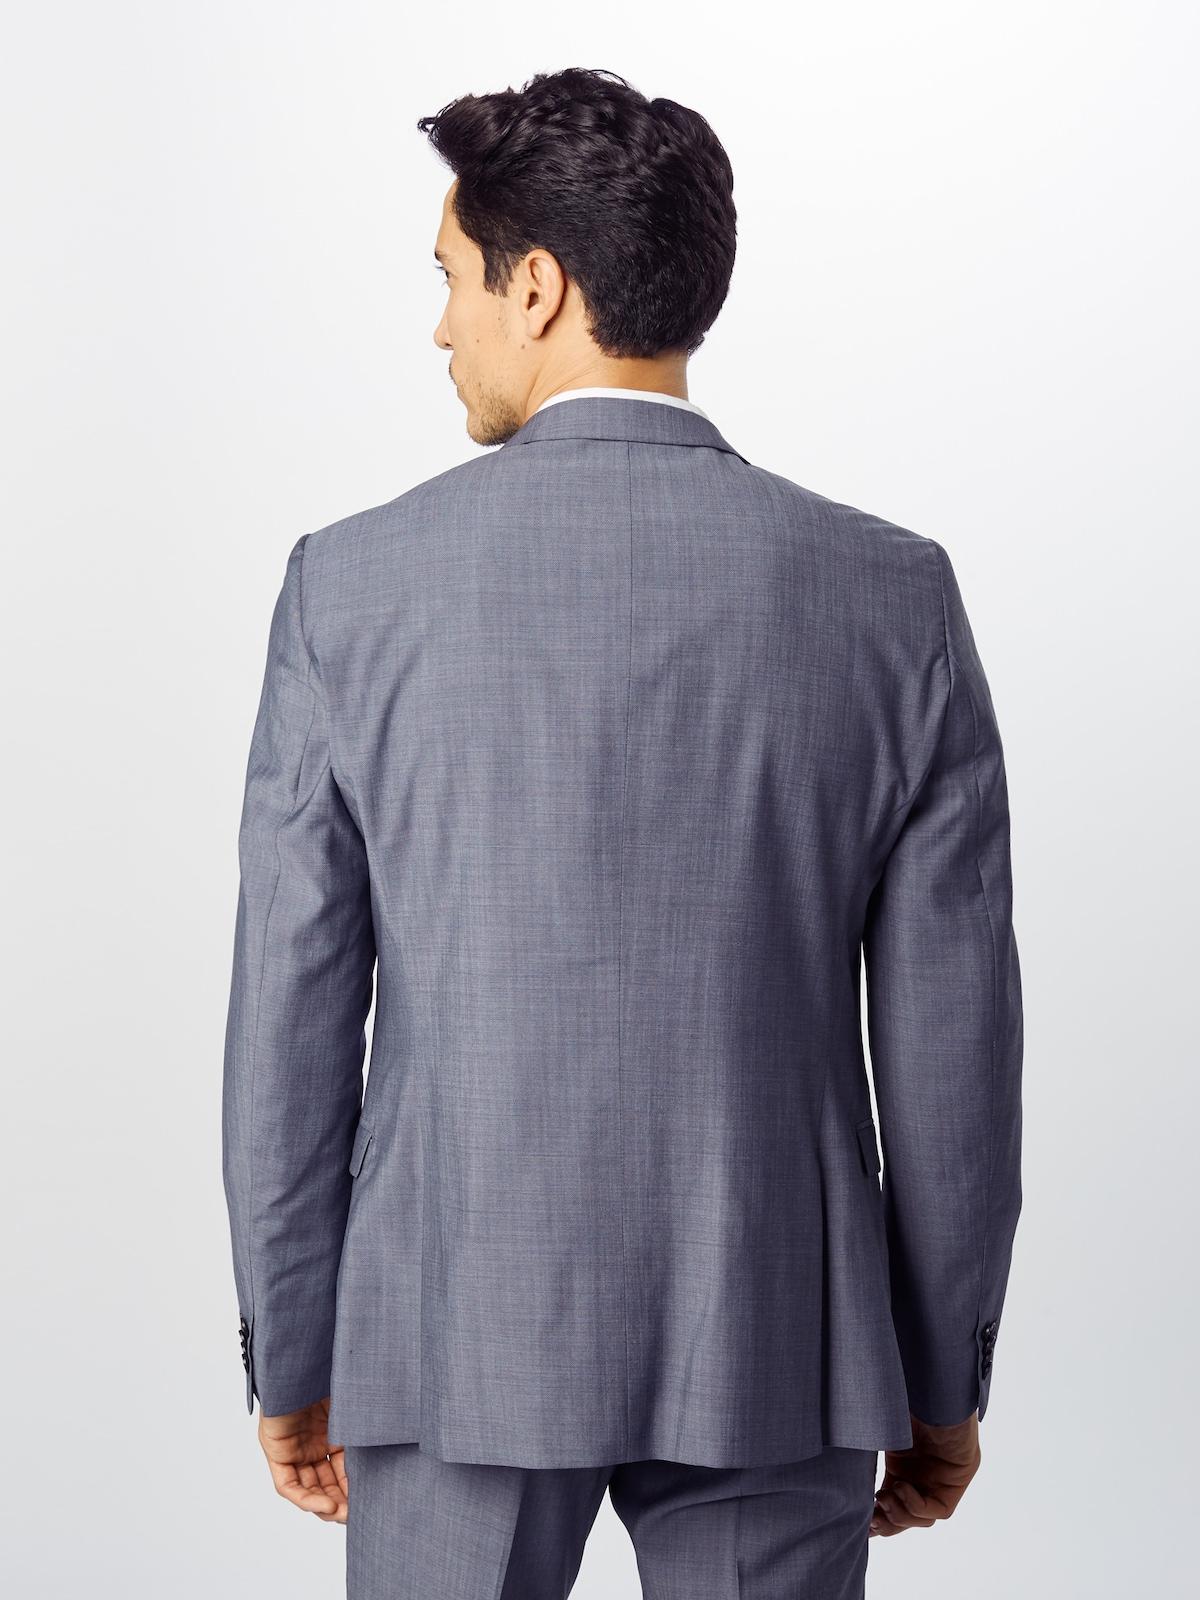 Bestbewertet Männer Bekleidung Tiger of Sweden Anzug 'S.Jules' in graumeliert Verkaufsschlager